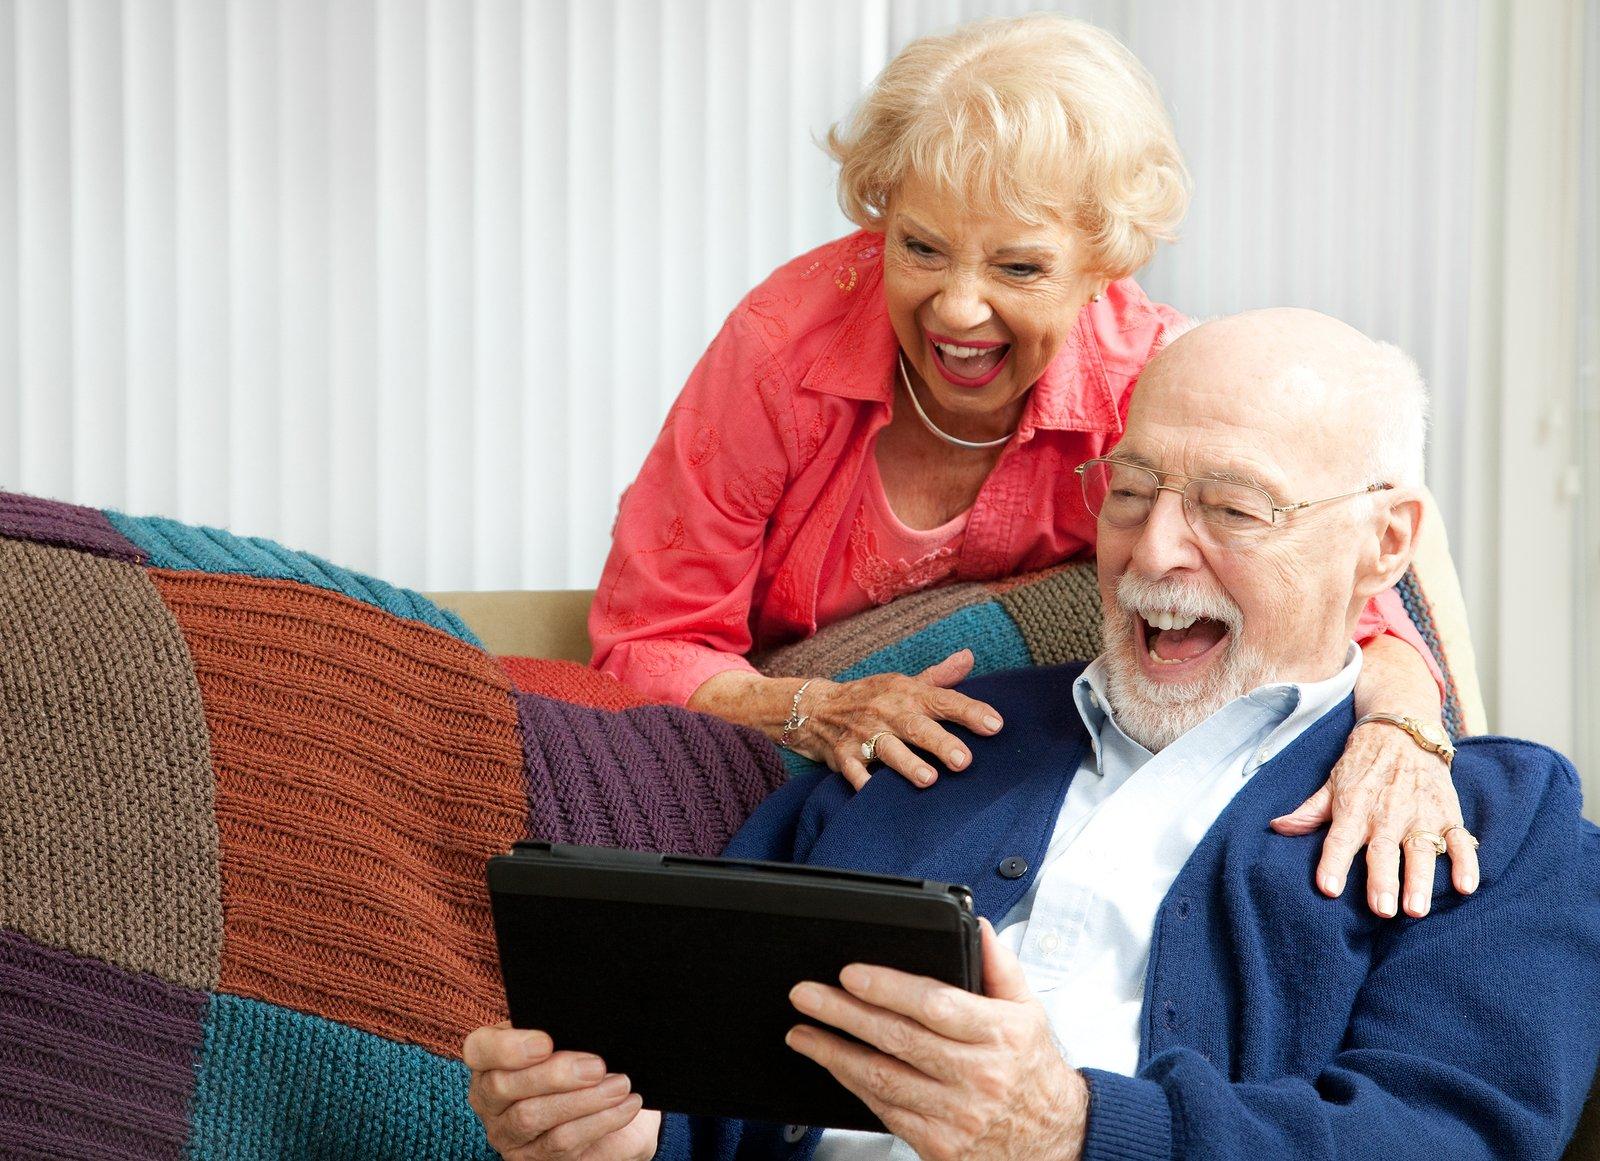 Пожилая мать выгоняет из дома